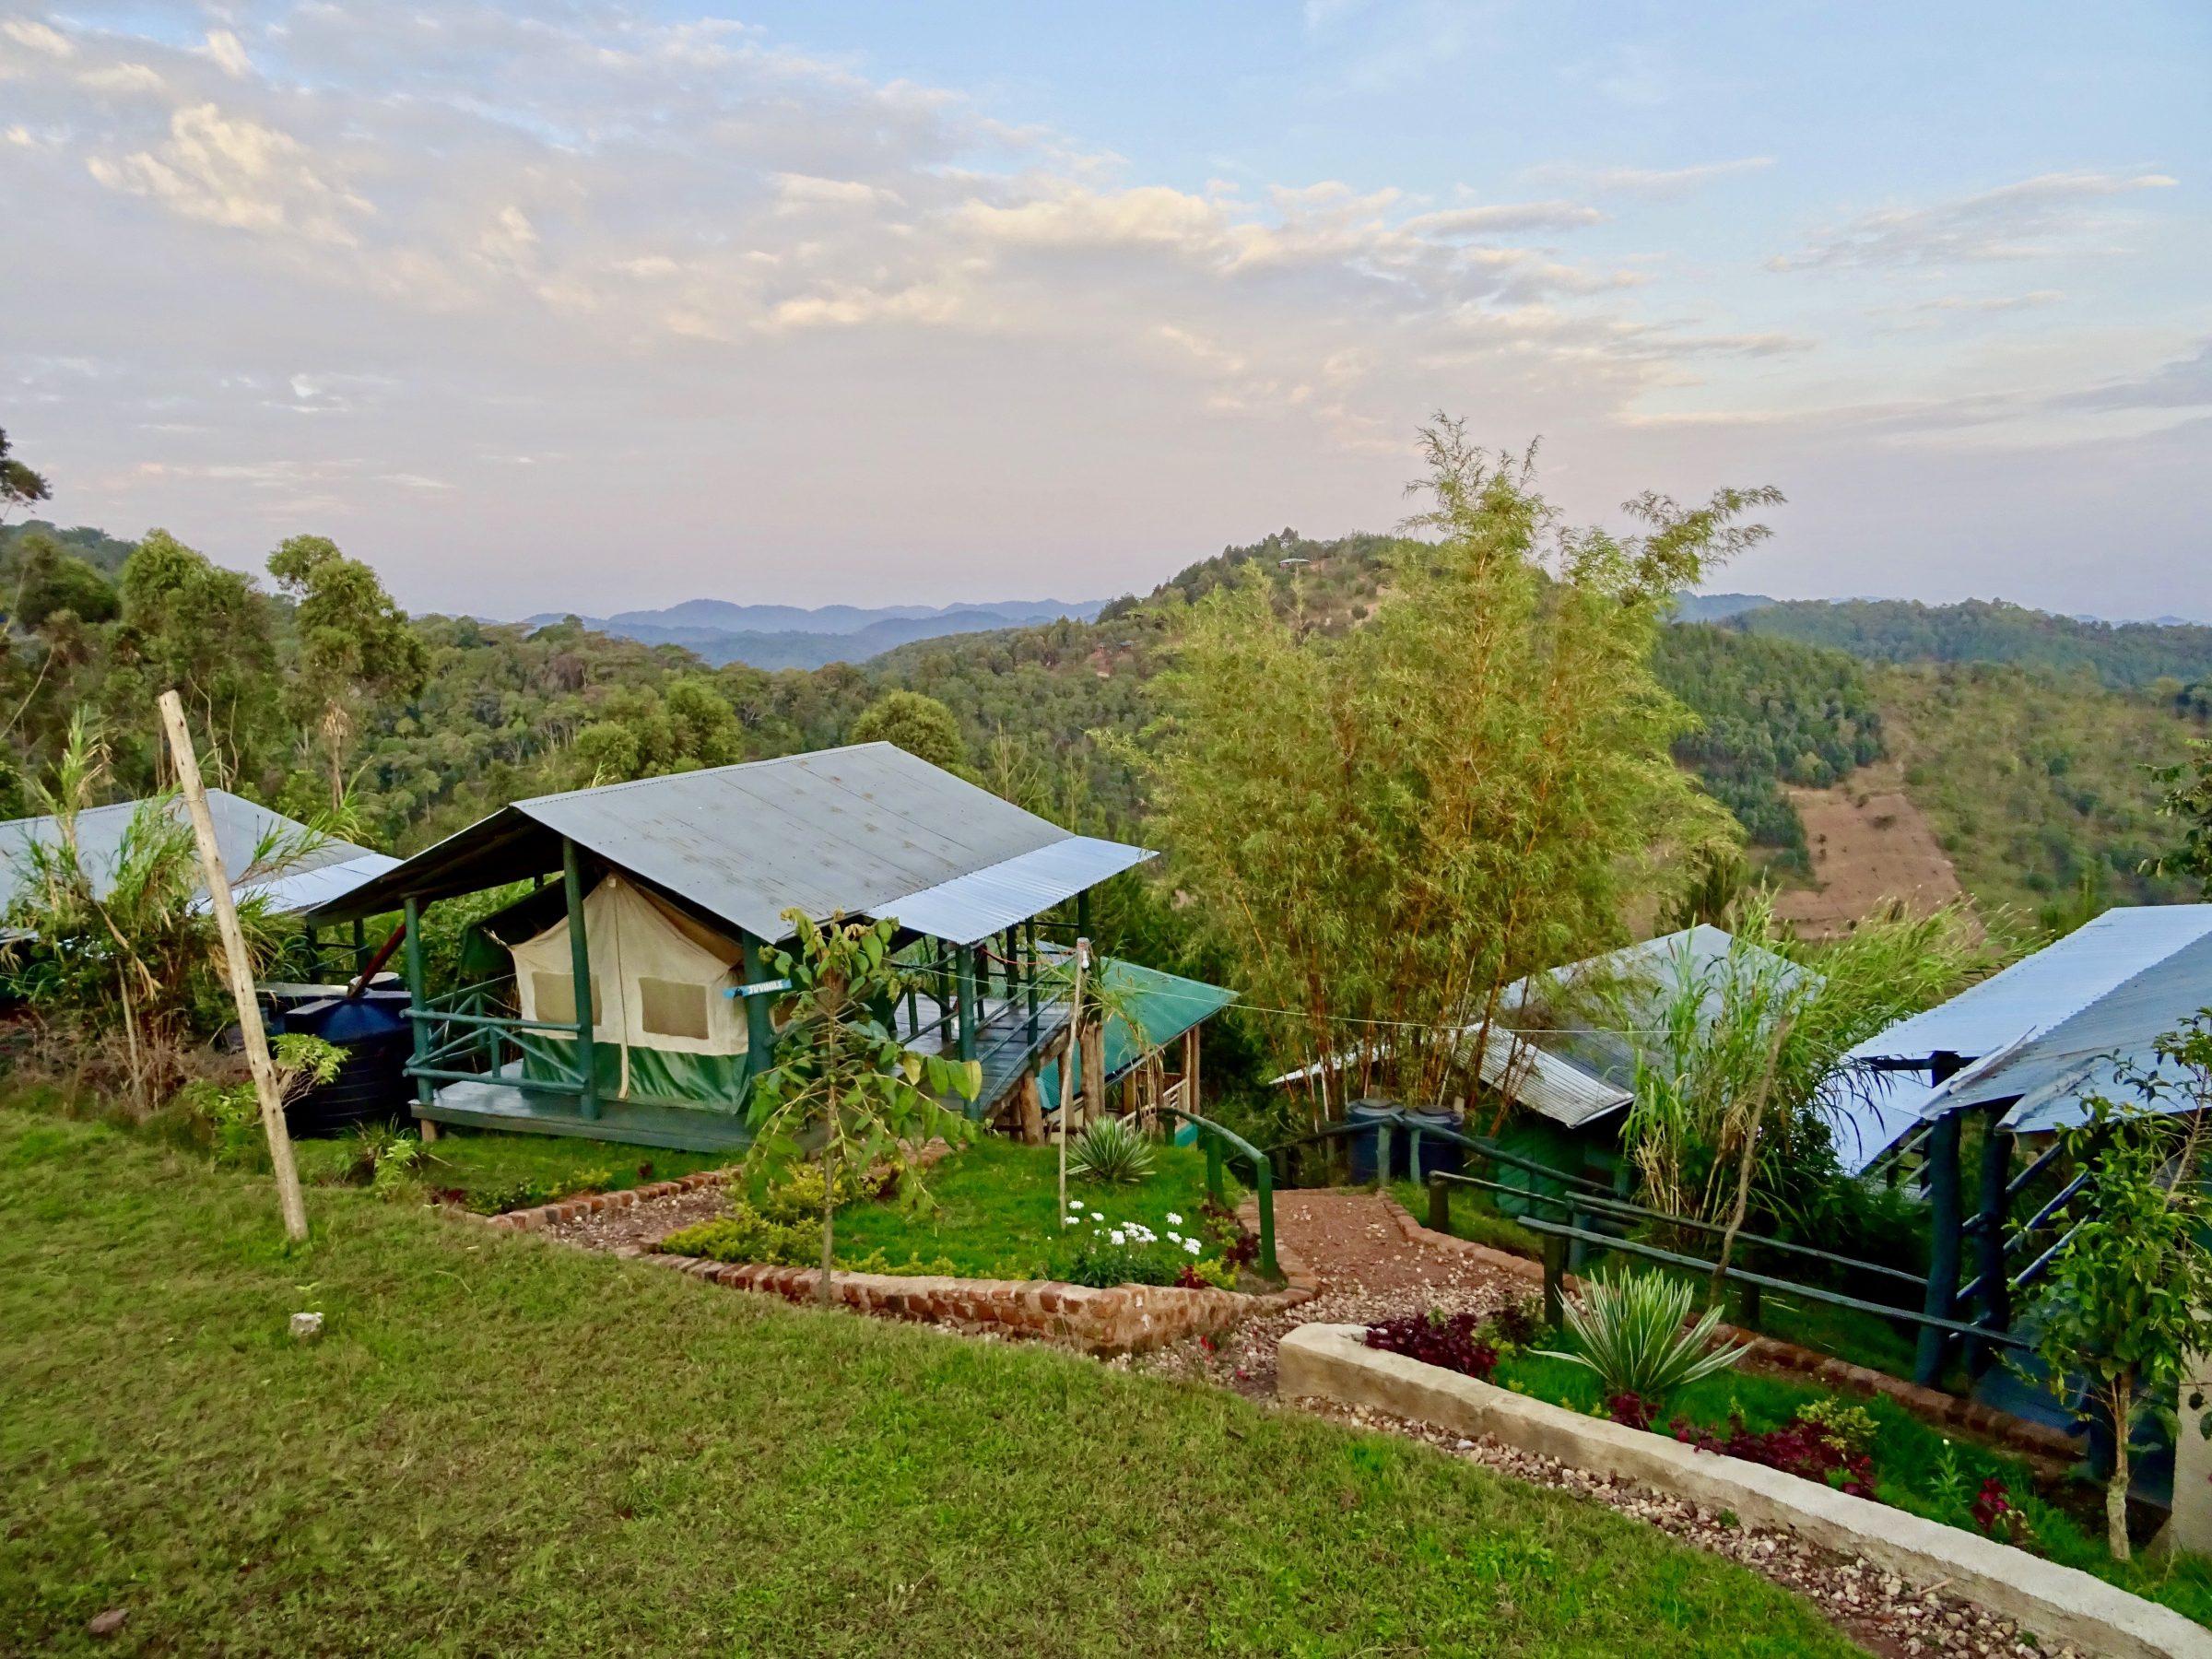 Mijn luxe tent in Ruhija Gorilla Restcamp